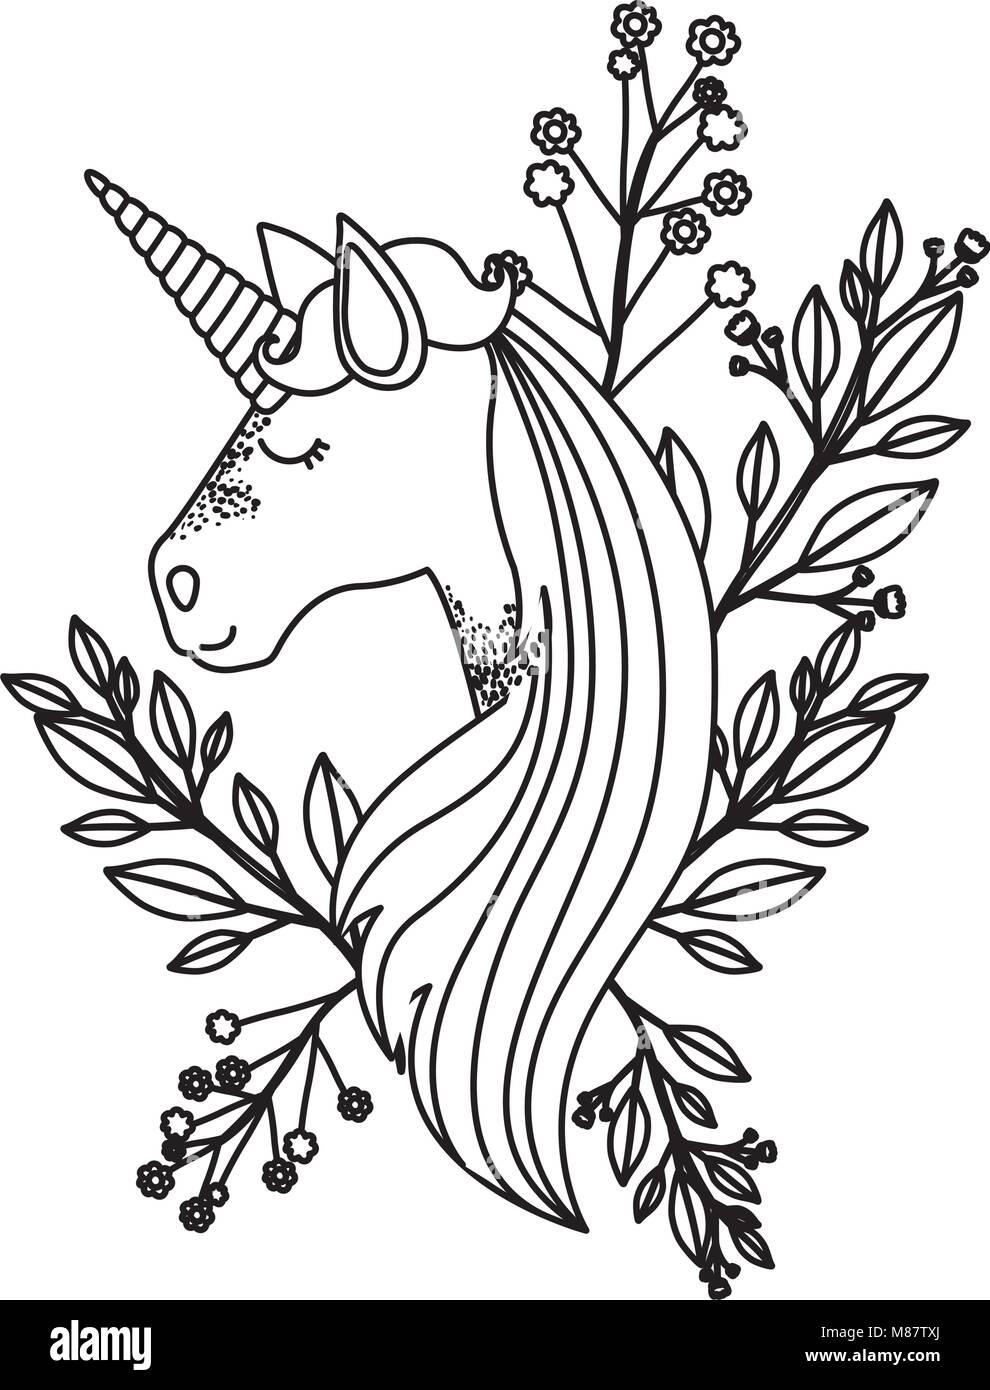 Silueta Monocroma De Unicornio Cara Y Decoración Floral Ilustración